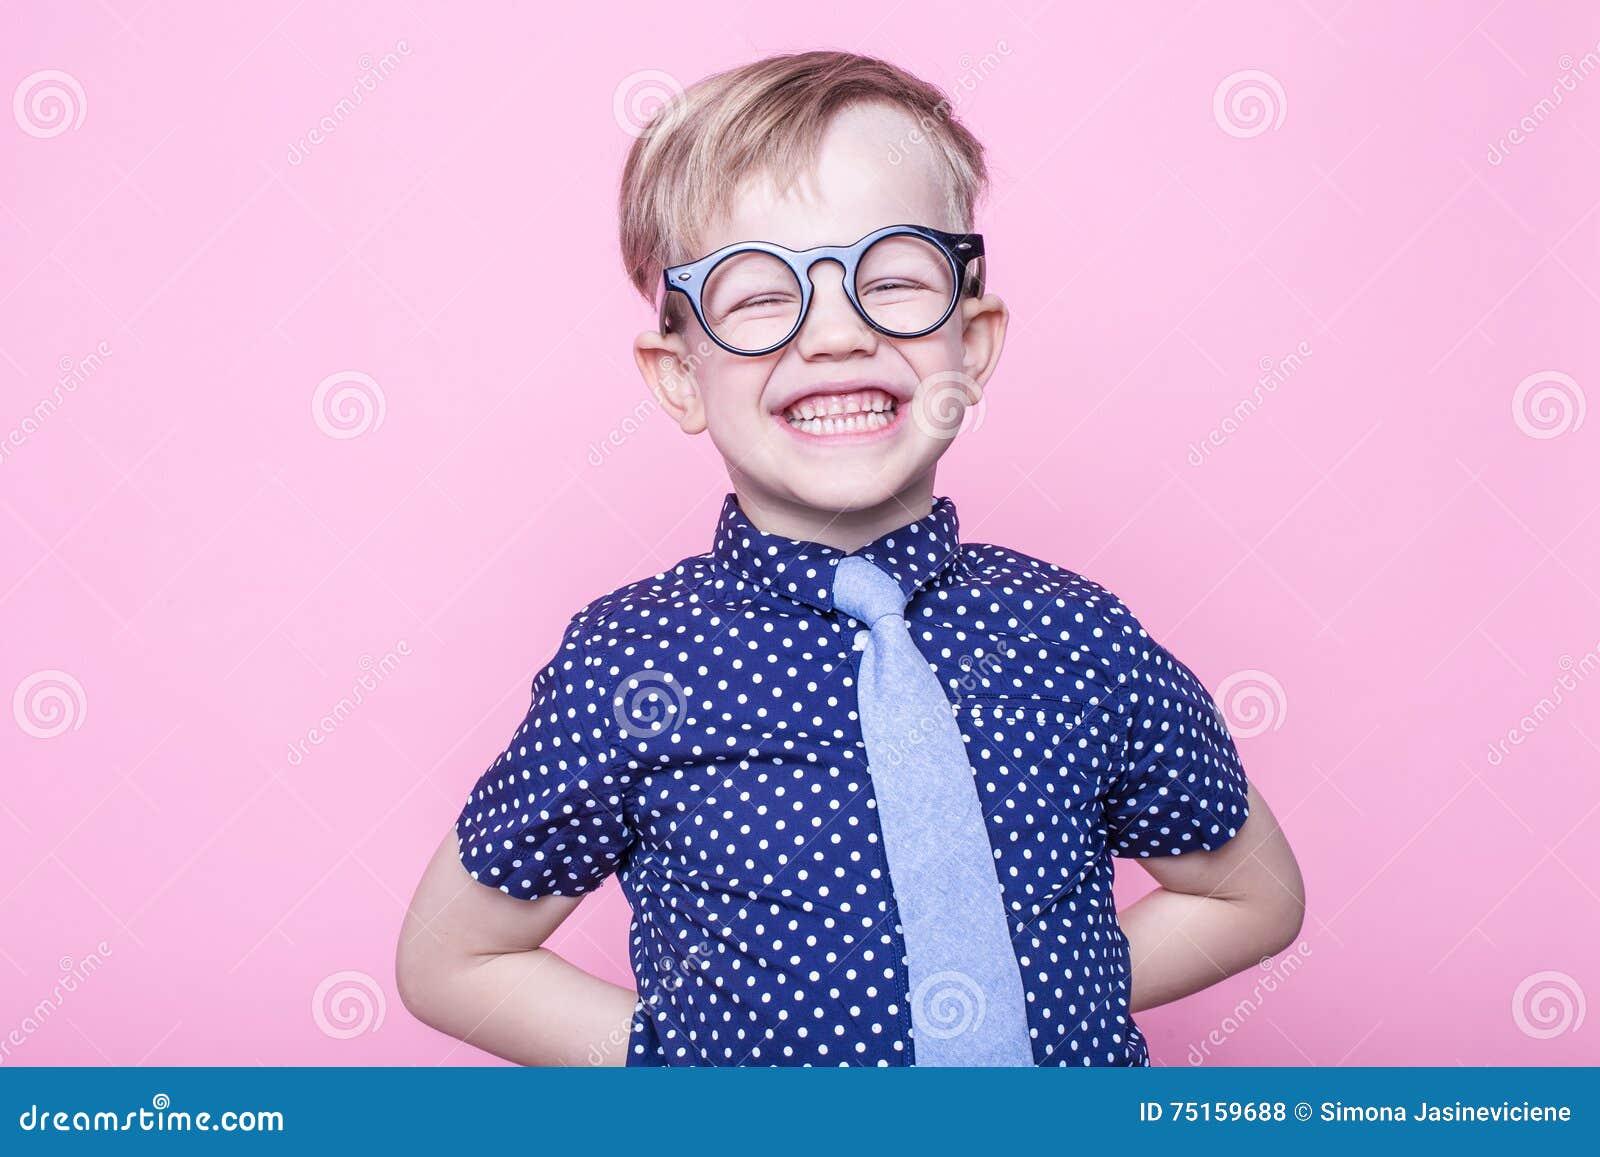 Porträt eines kleinen lächelnden Jungen in lustigen Gläsern und in einer Bindung schule vortraining Art und Weise Studioporträt ü